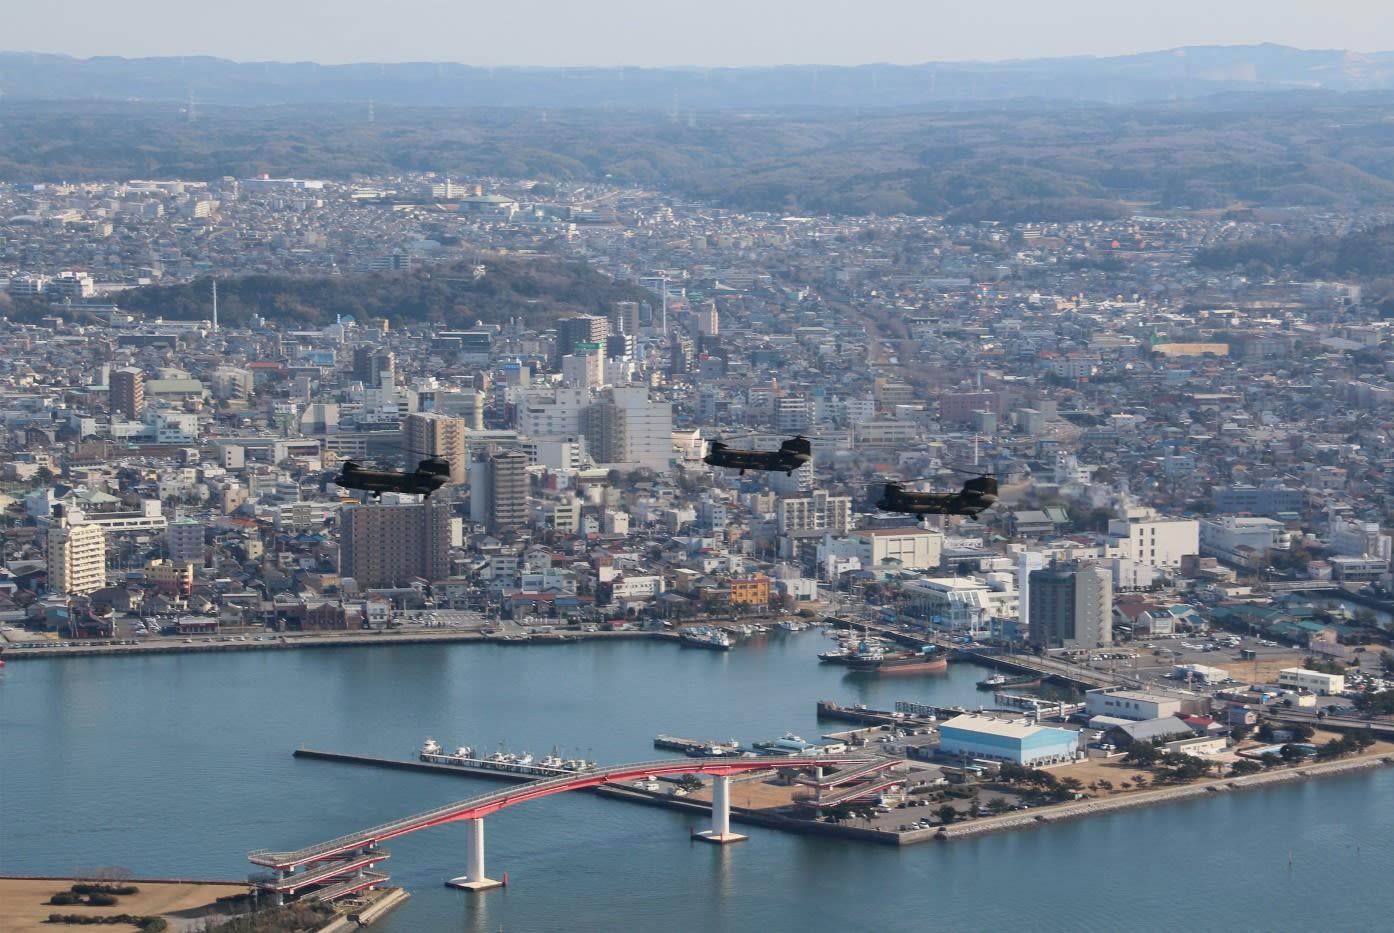 木更津市上空を飛行するCH-47編隊 - Blue Sky Love Sky